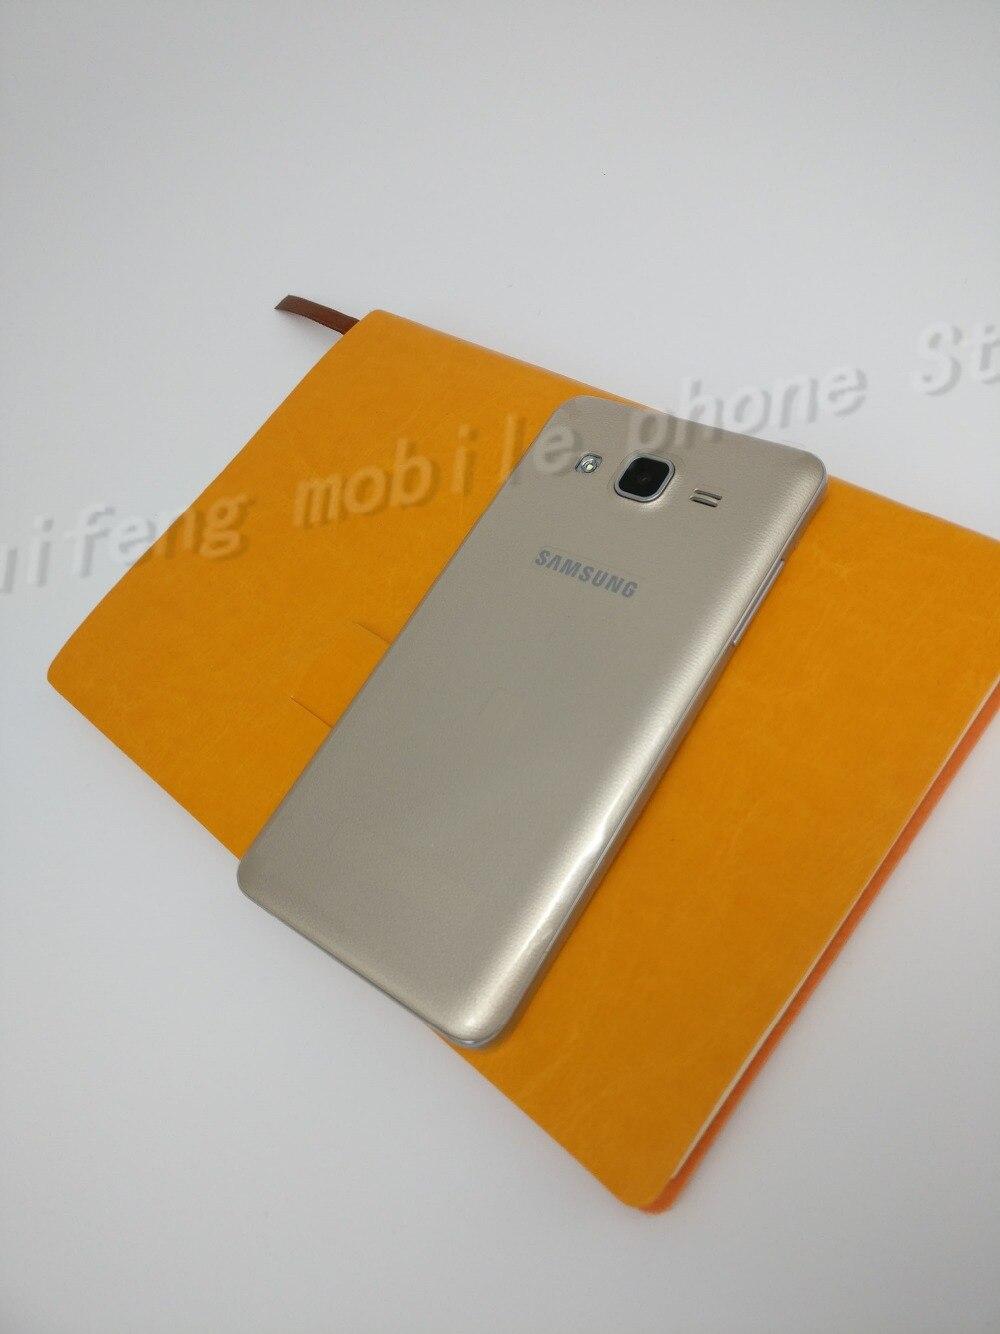 Original Samsung Galaxy On5 G5500 8GB ROM 4G LTE Mobiltelefon 8MP - Mobiltelefoner - Foto 3